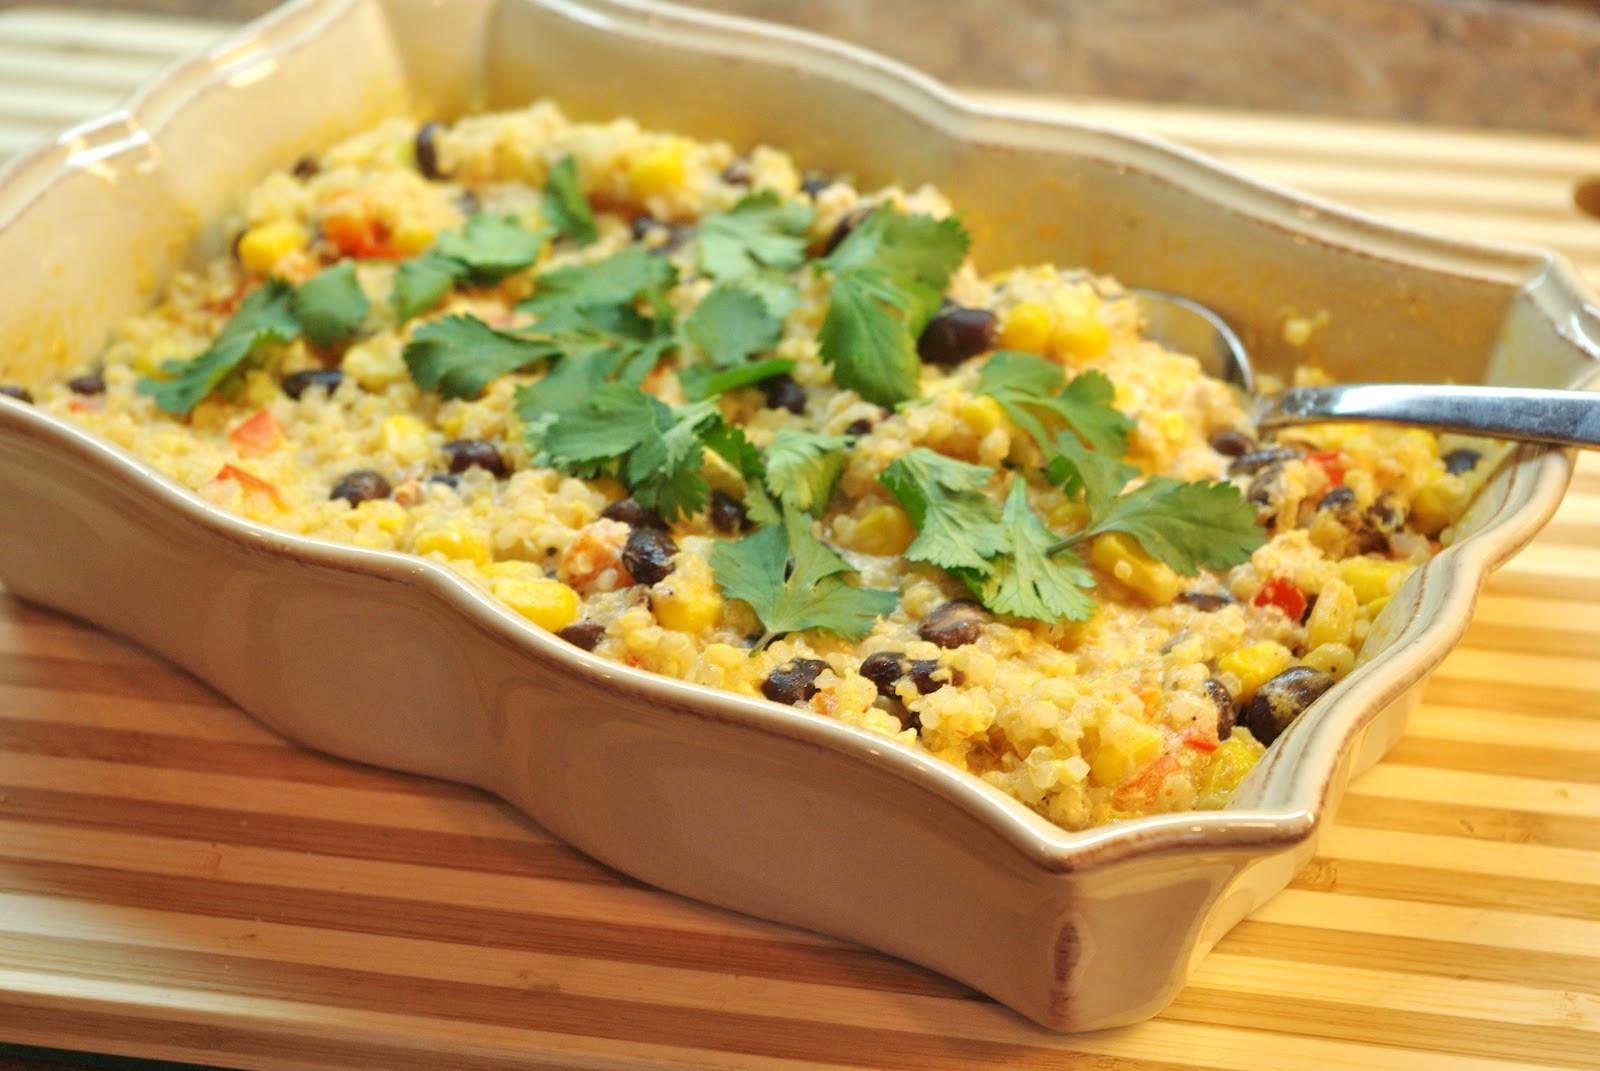 Healthy Quinoa Side Dish  Mennonite Girls Can Cook Quinoa Side Dish